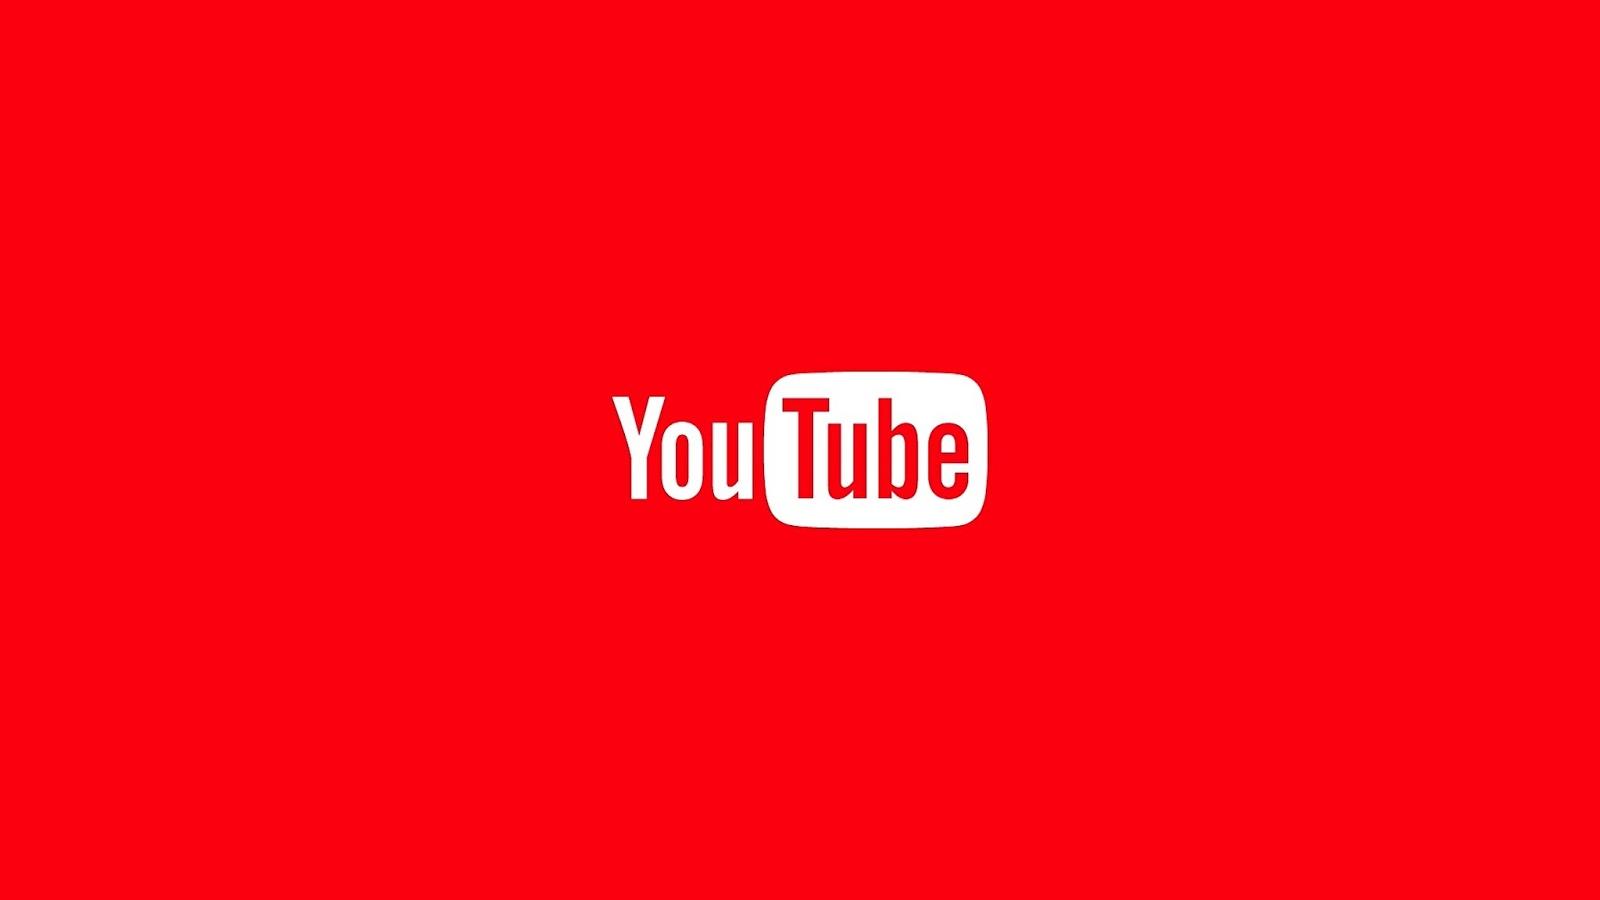 Mengatasi eror upload youtube - Tidak dapat memperbarui setelan video Coba lagi nanti.